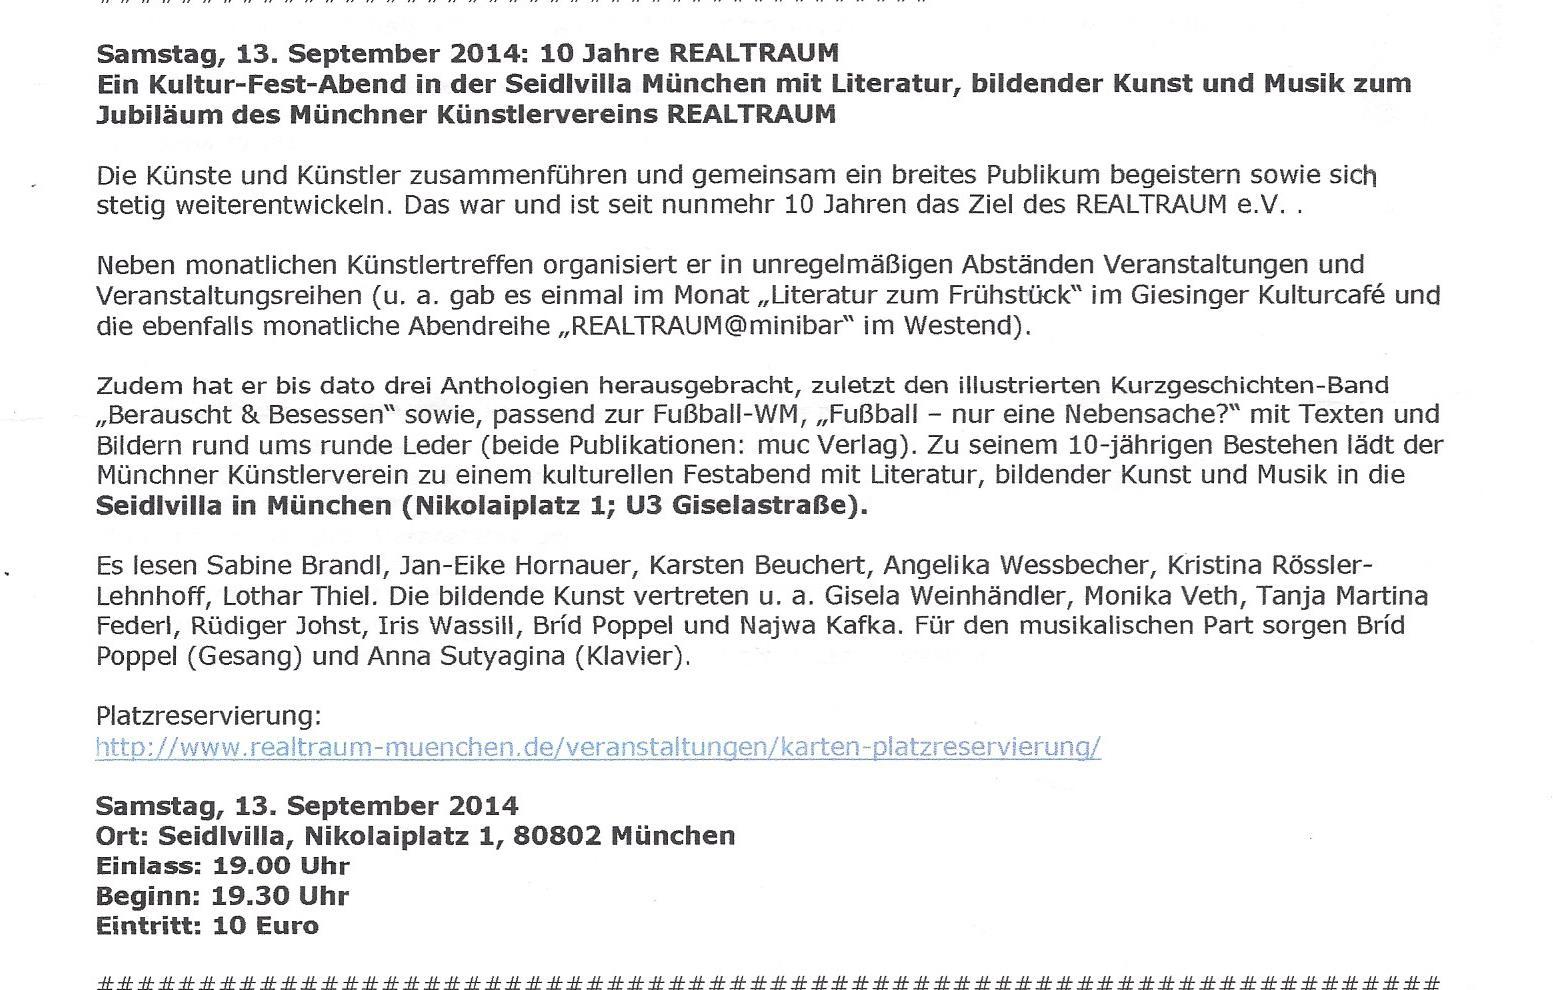 Realtraum München  10 Jahre jubiläum 2014